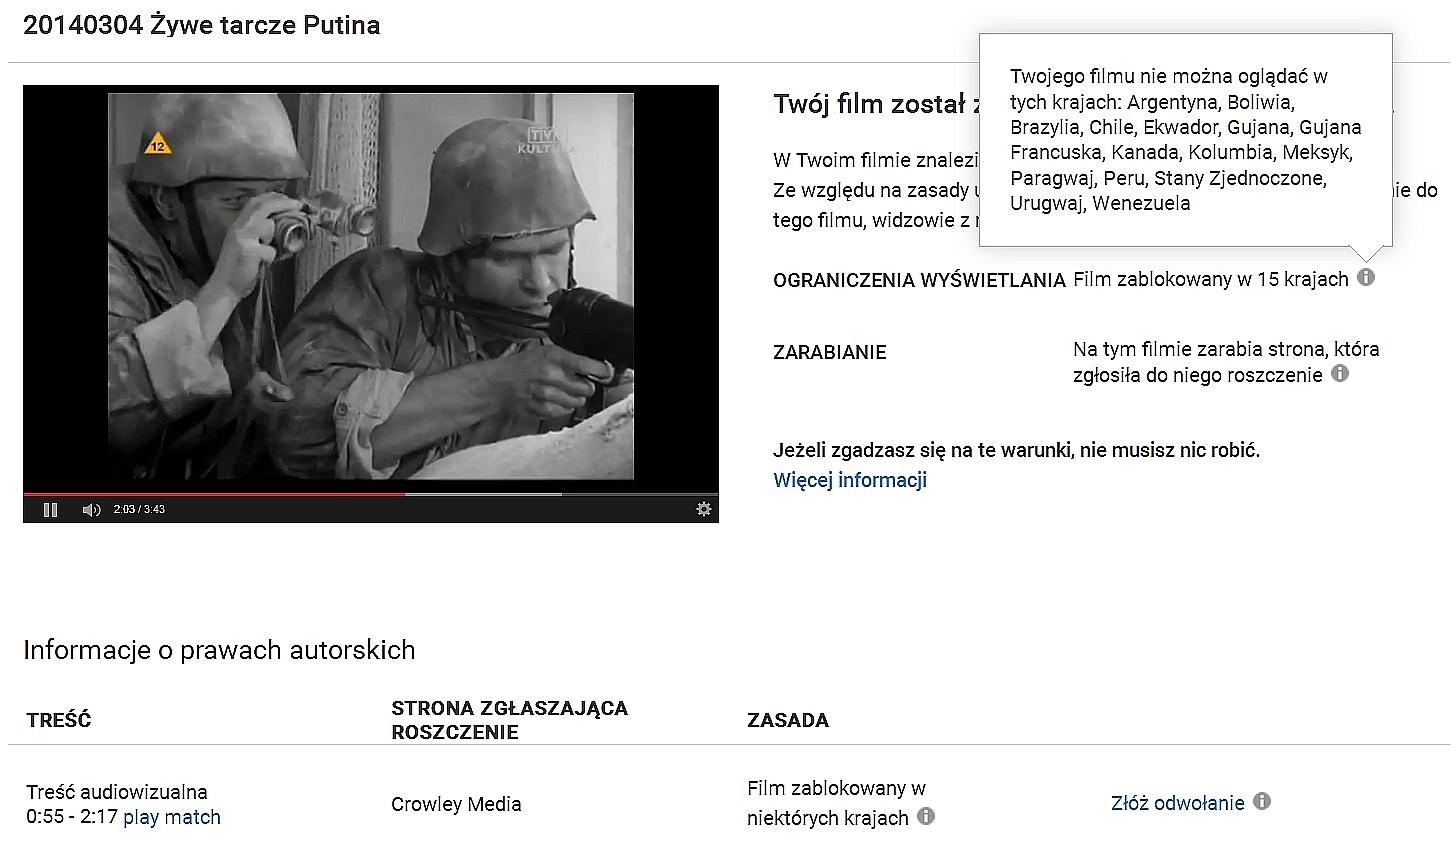 WOLNY CZYN: Putinowcy blokują nasz film o rosyjskich zbrodniach wojennych na Ukrainie